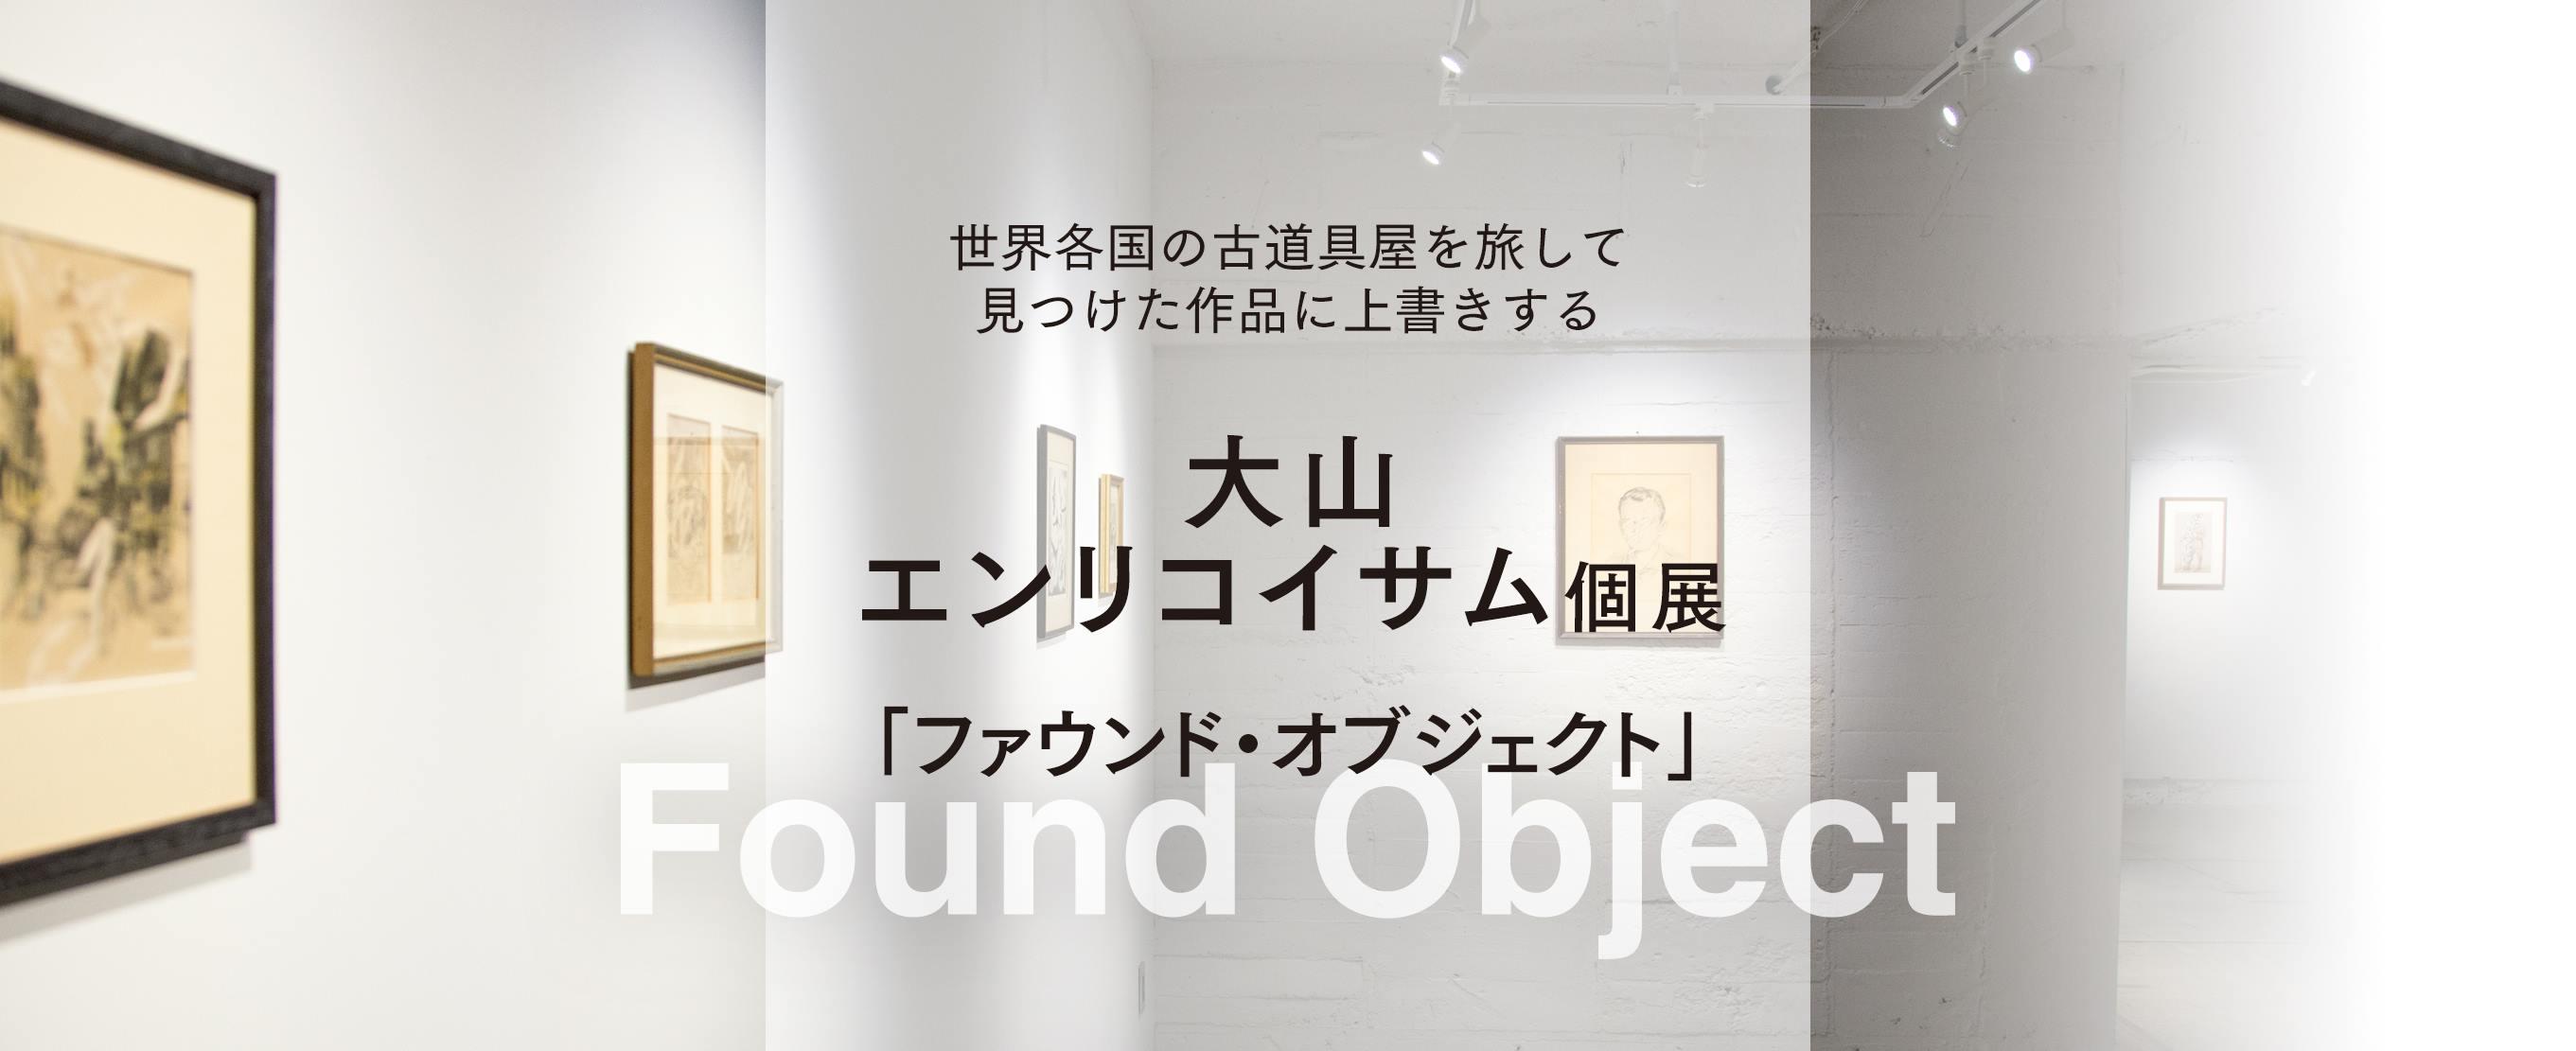 世界各国の古道具屋を旅して見つけた作品に上書きする 大山エンリコイサム個展 「ファウンド・オブジェク